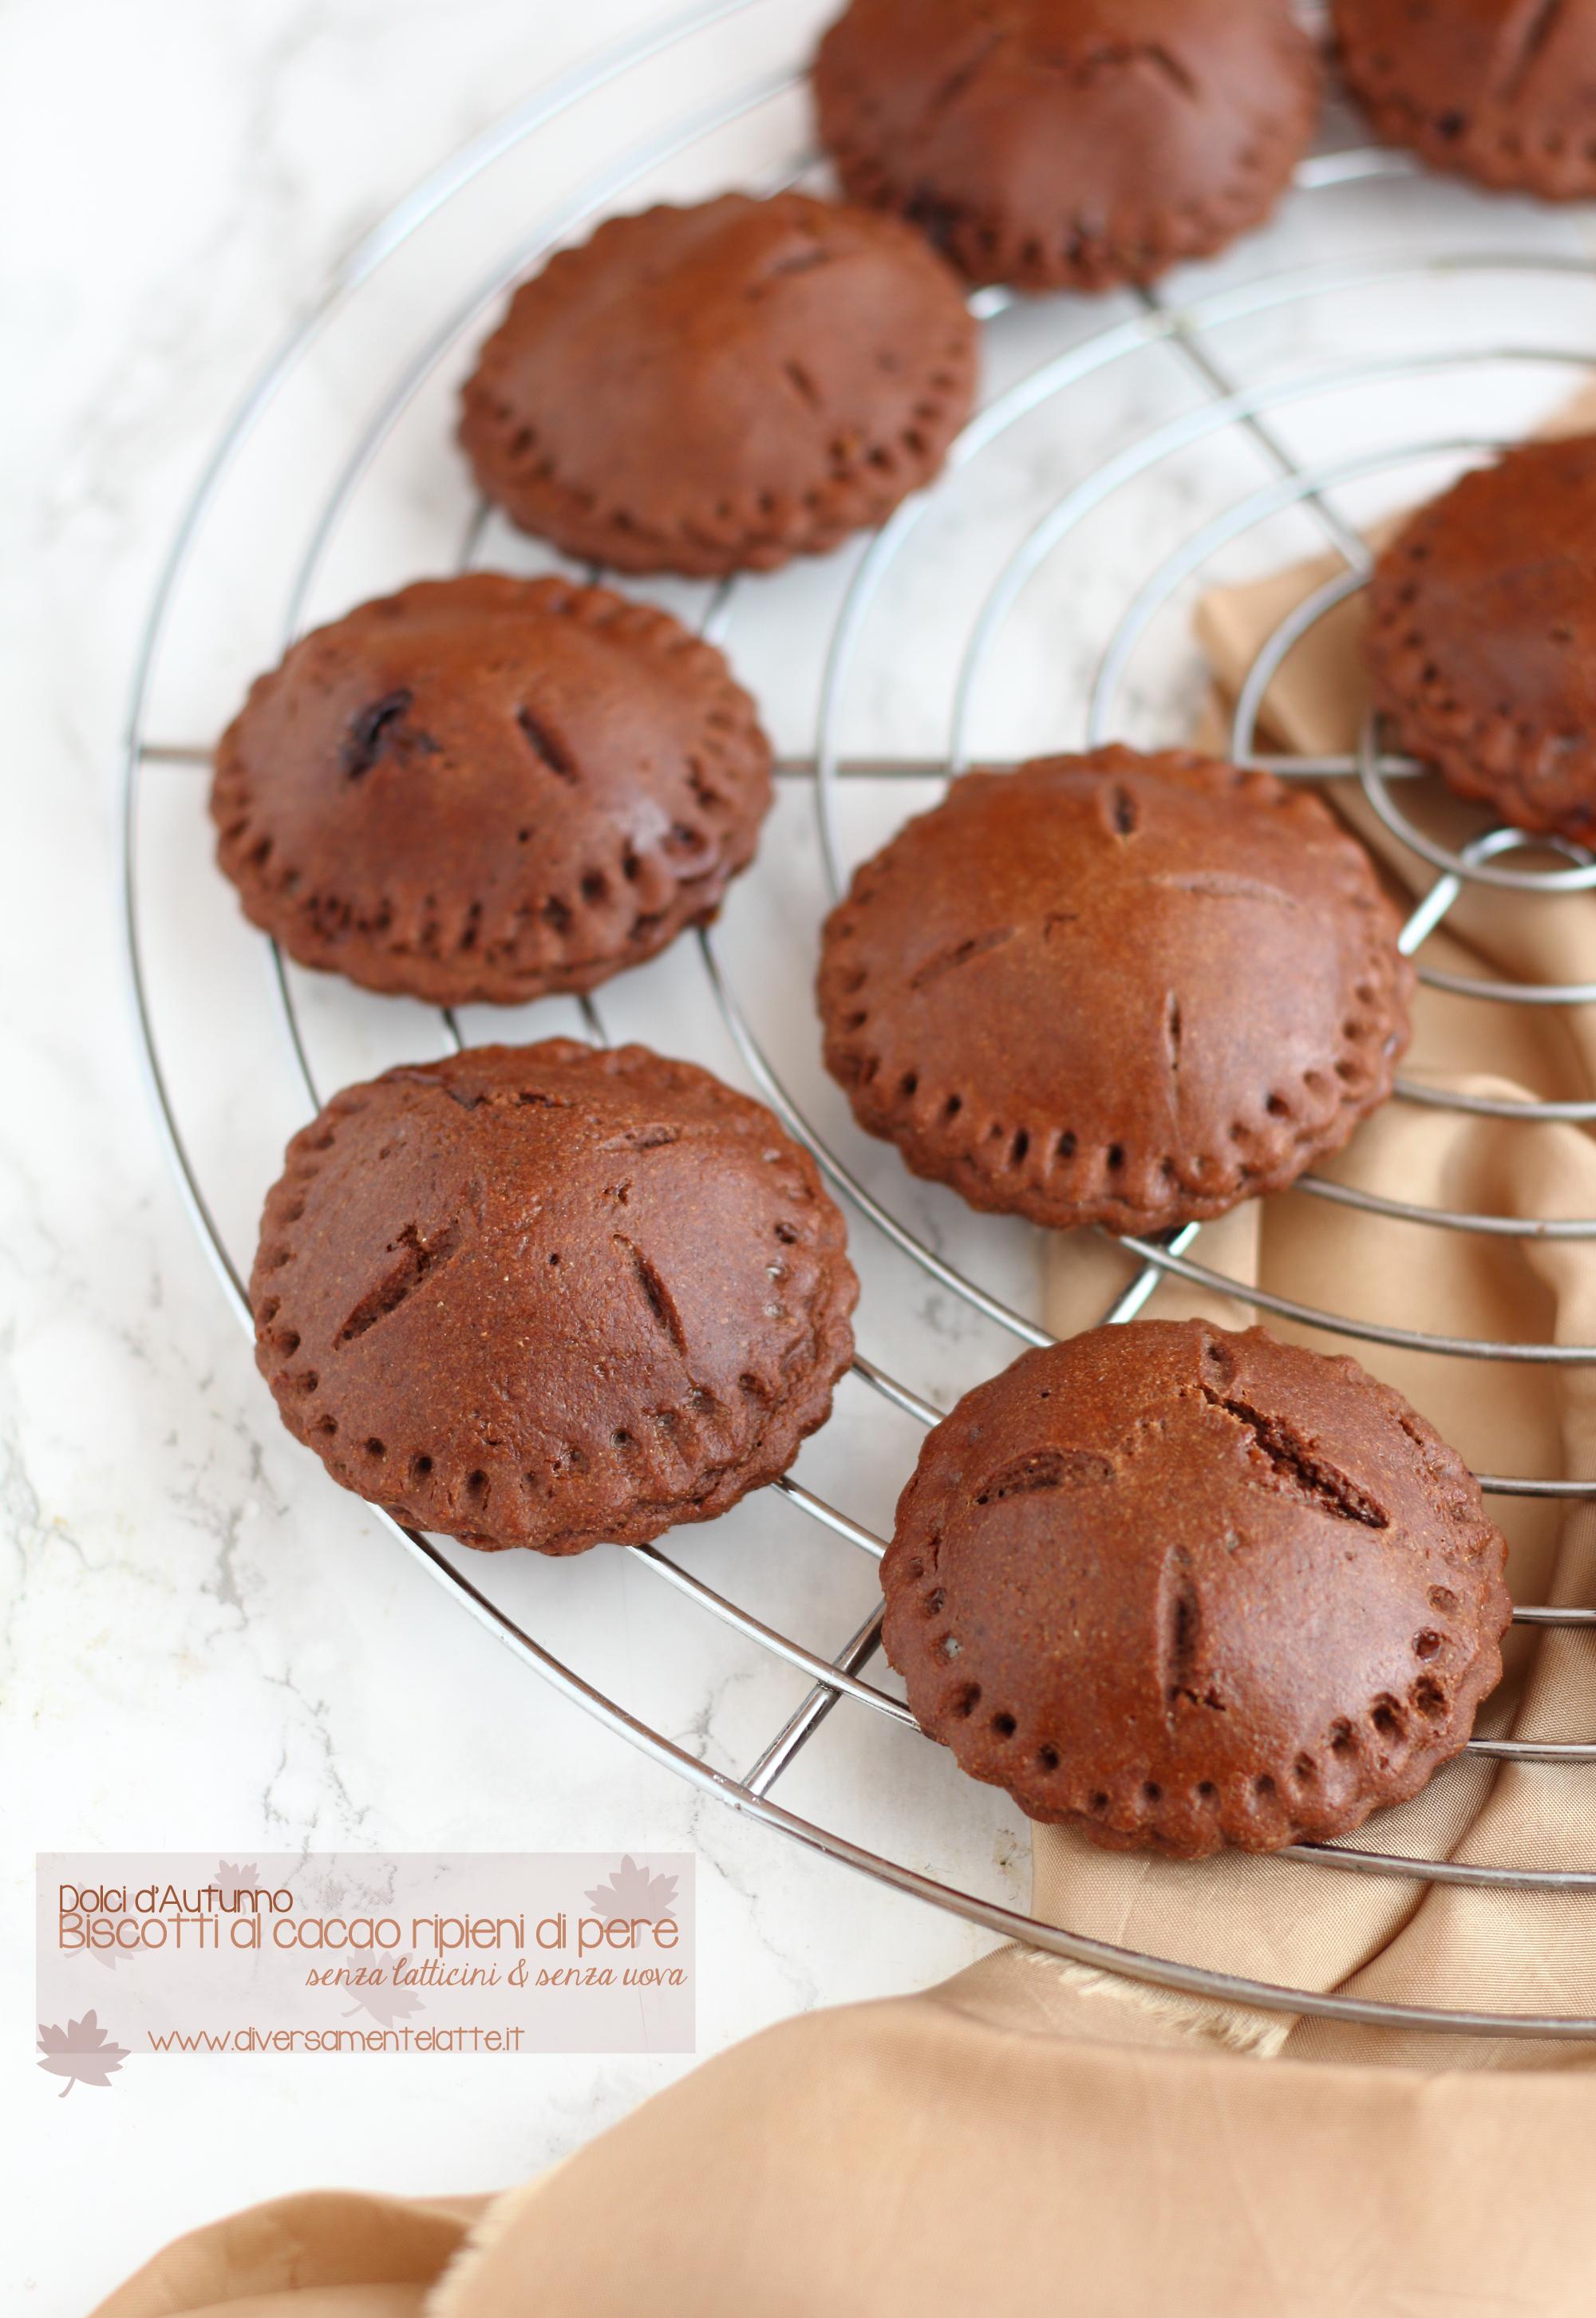 biscotti al cacao e pere